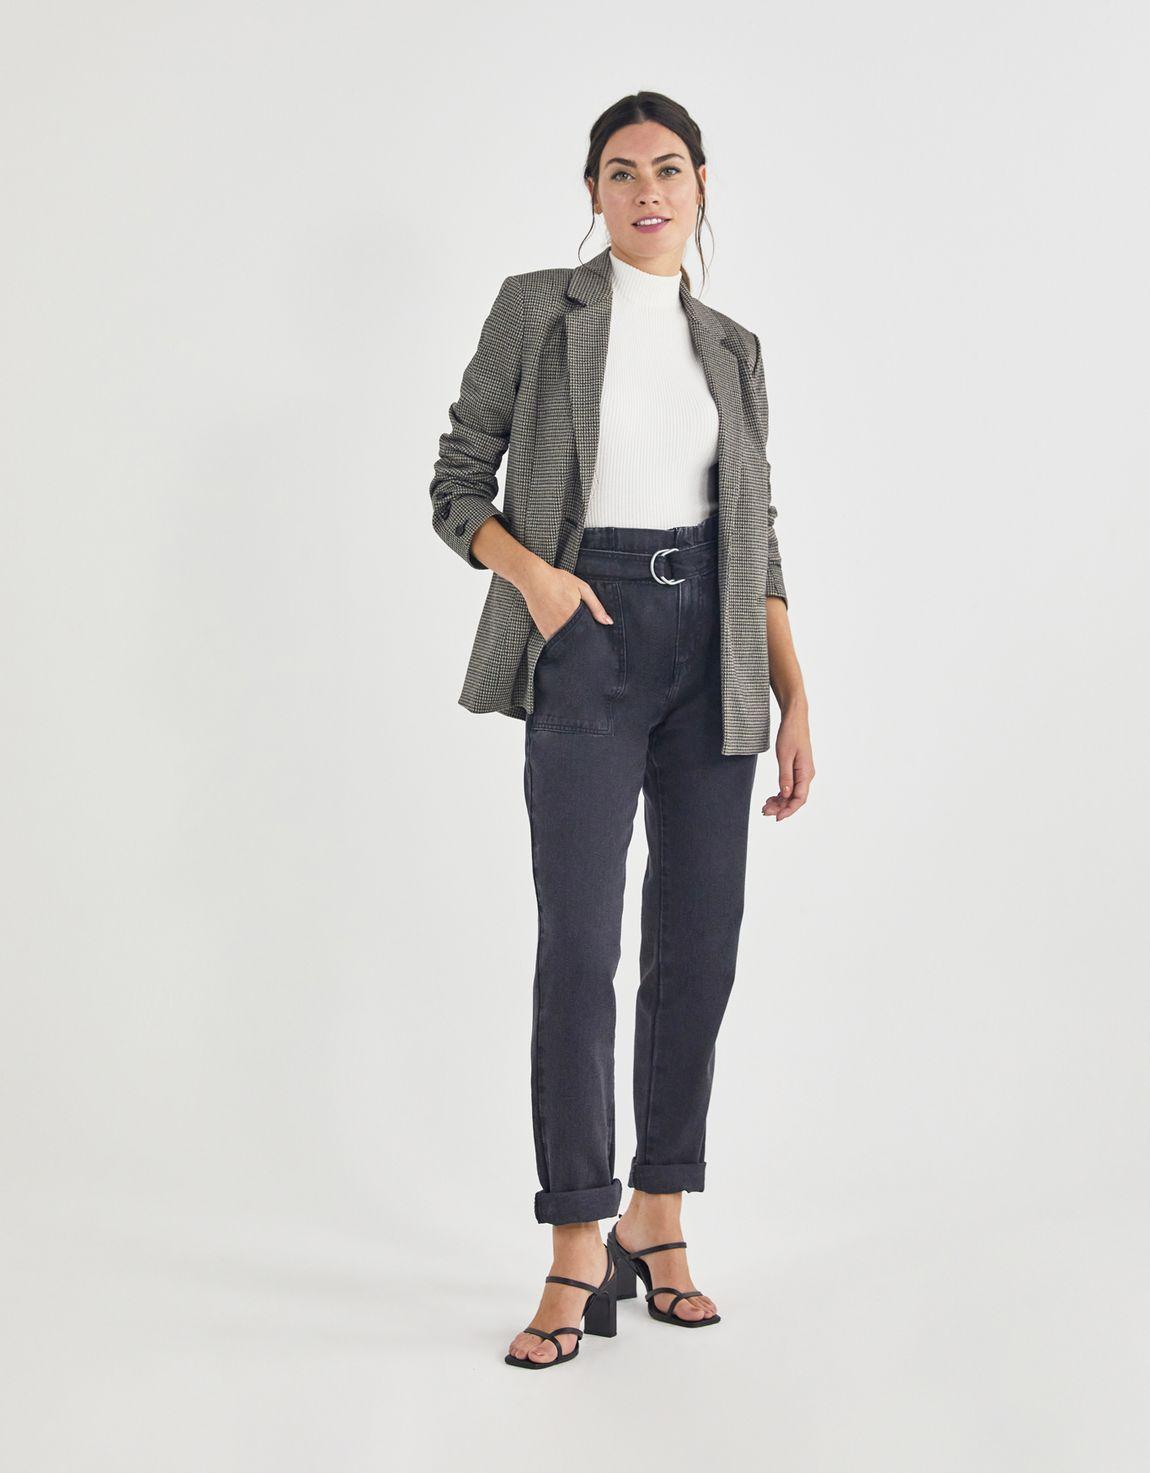 Calça jeans black slim bolso aplicado